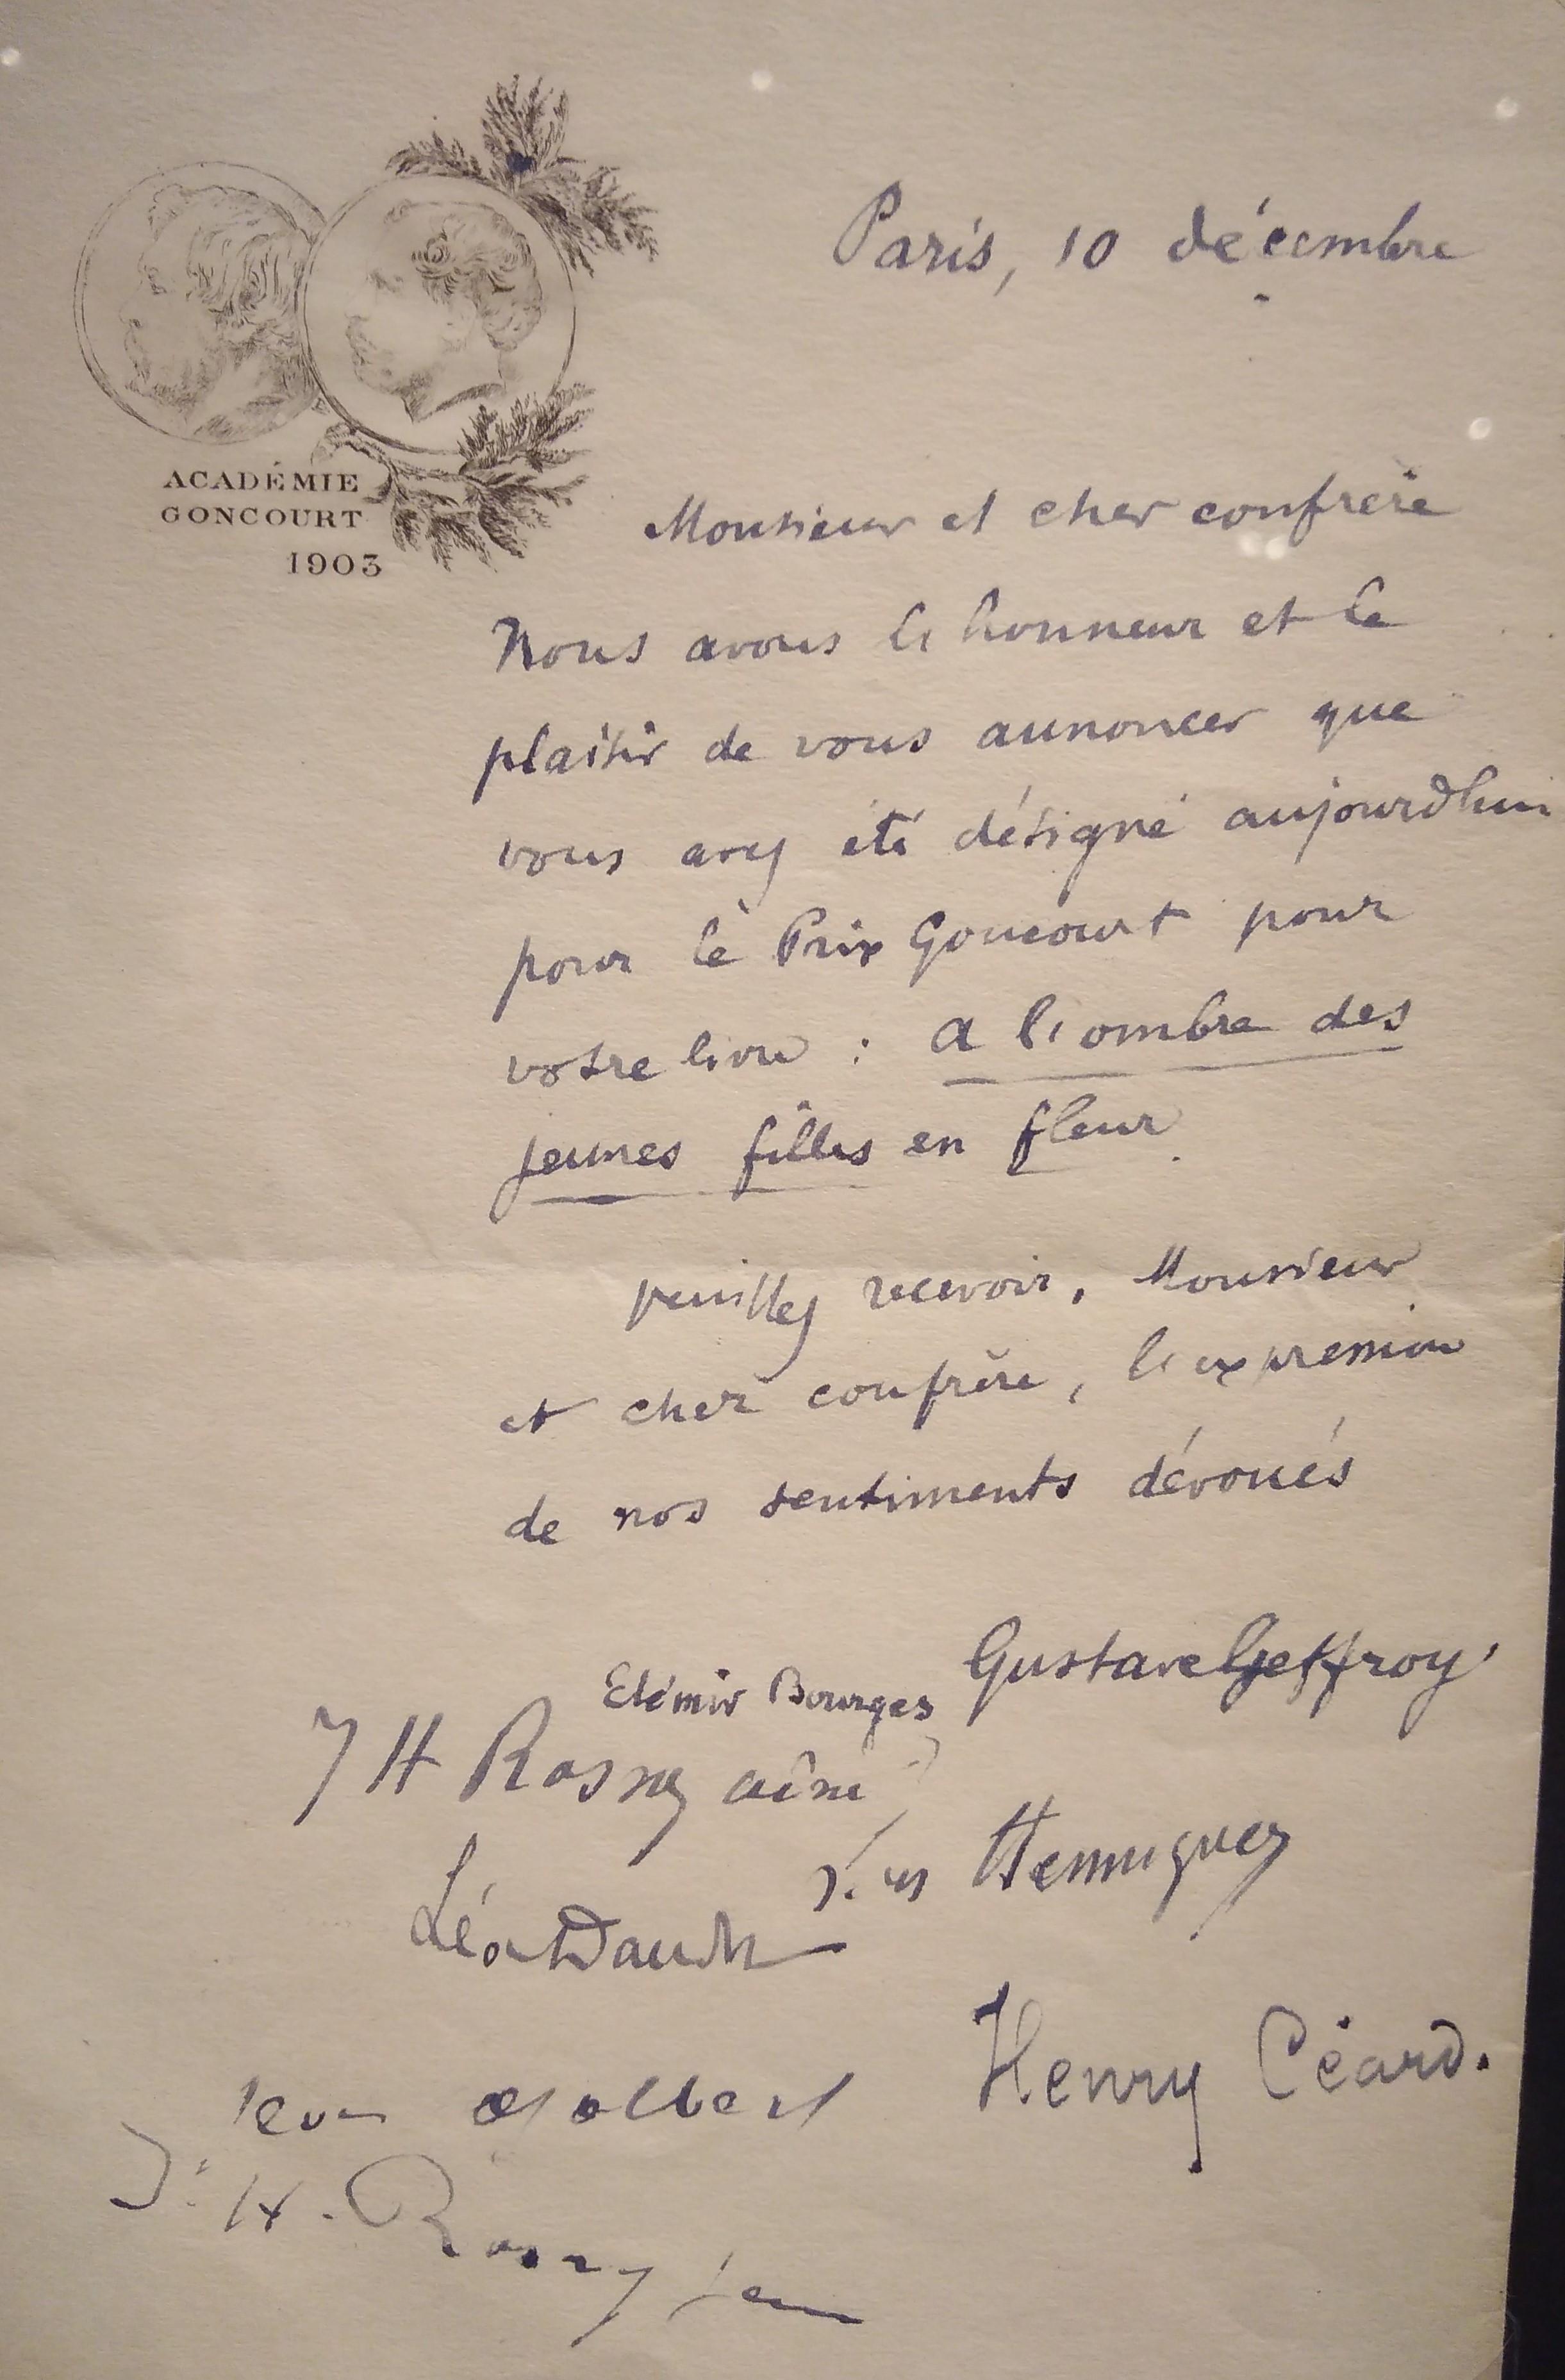 lettre Goncourt à Proust4